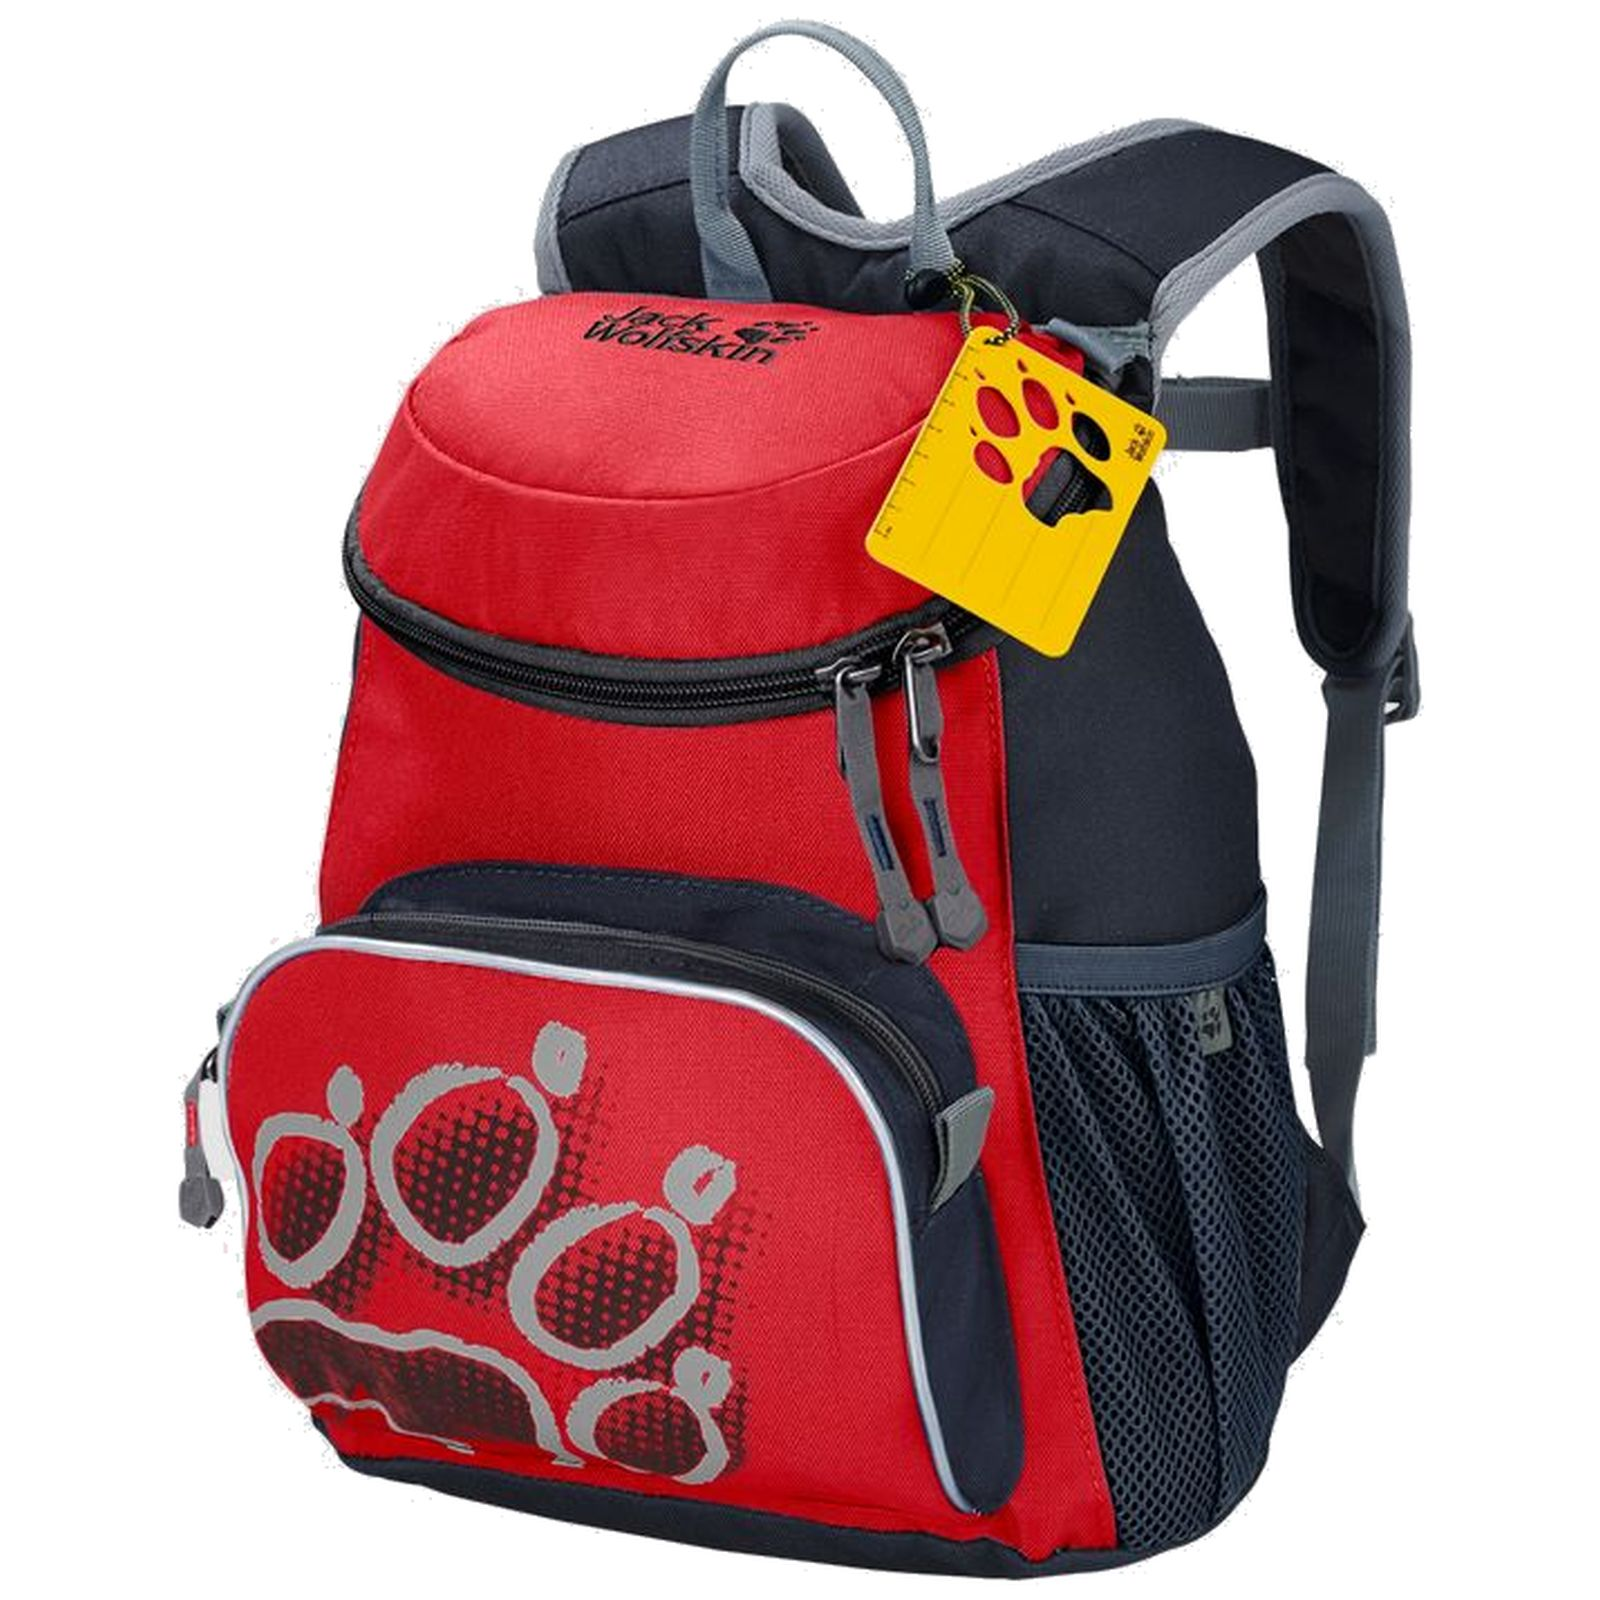 angemessener Preis elegantes und robustes Paket neuesten Stil von 2019 Jack Wolfskin Kinderrucksack Rucksack LITTLE JOE peak red 11 Liter | eBay